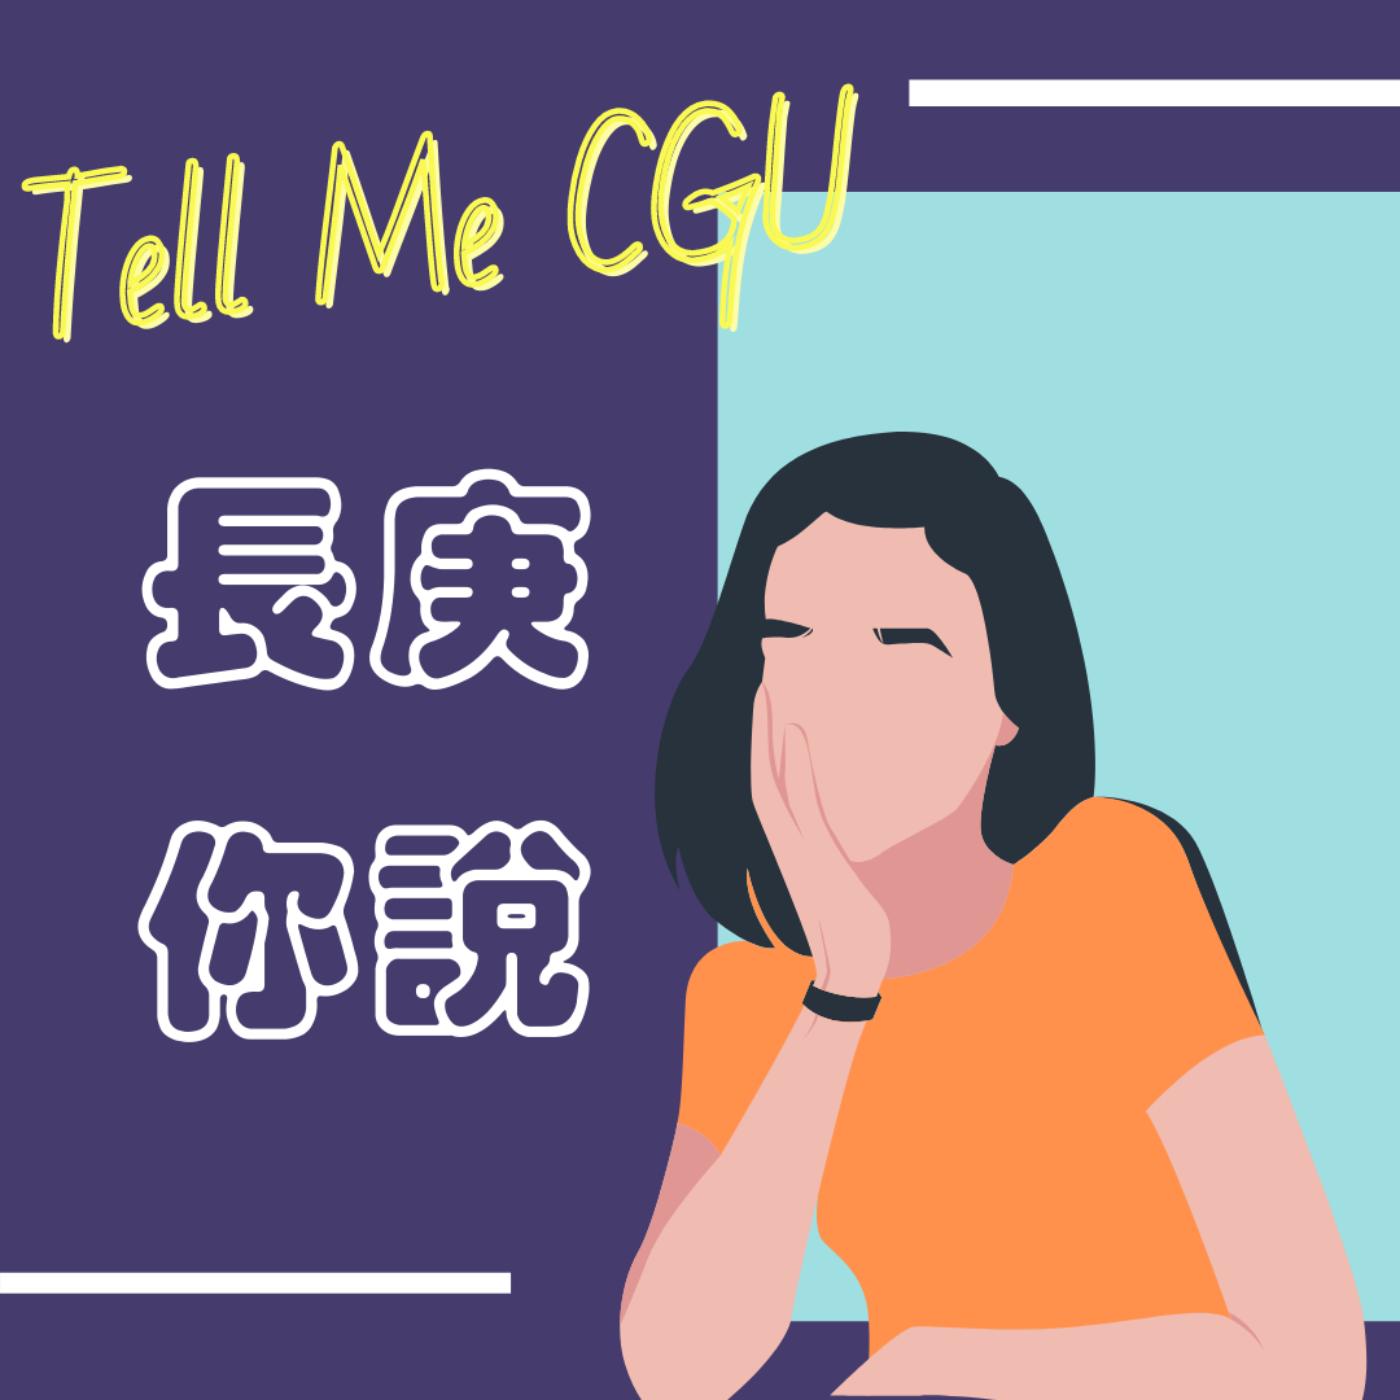 長庚,你說 Tell me CGU